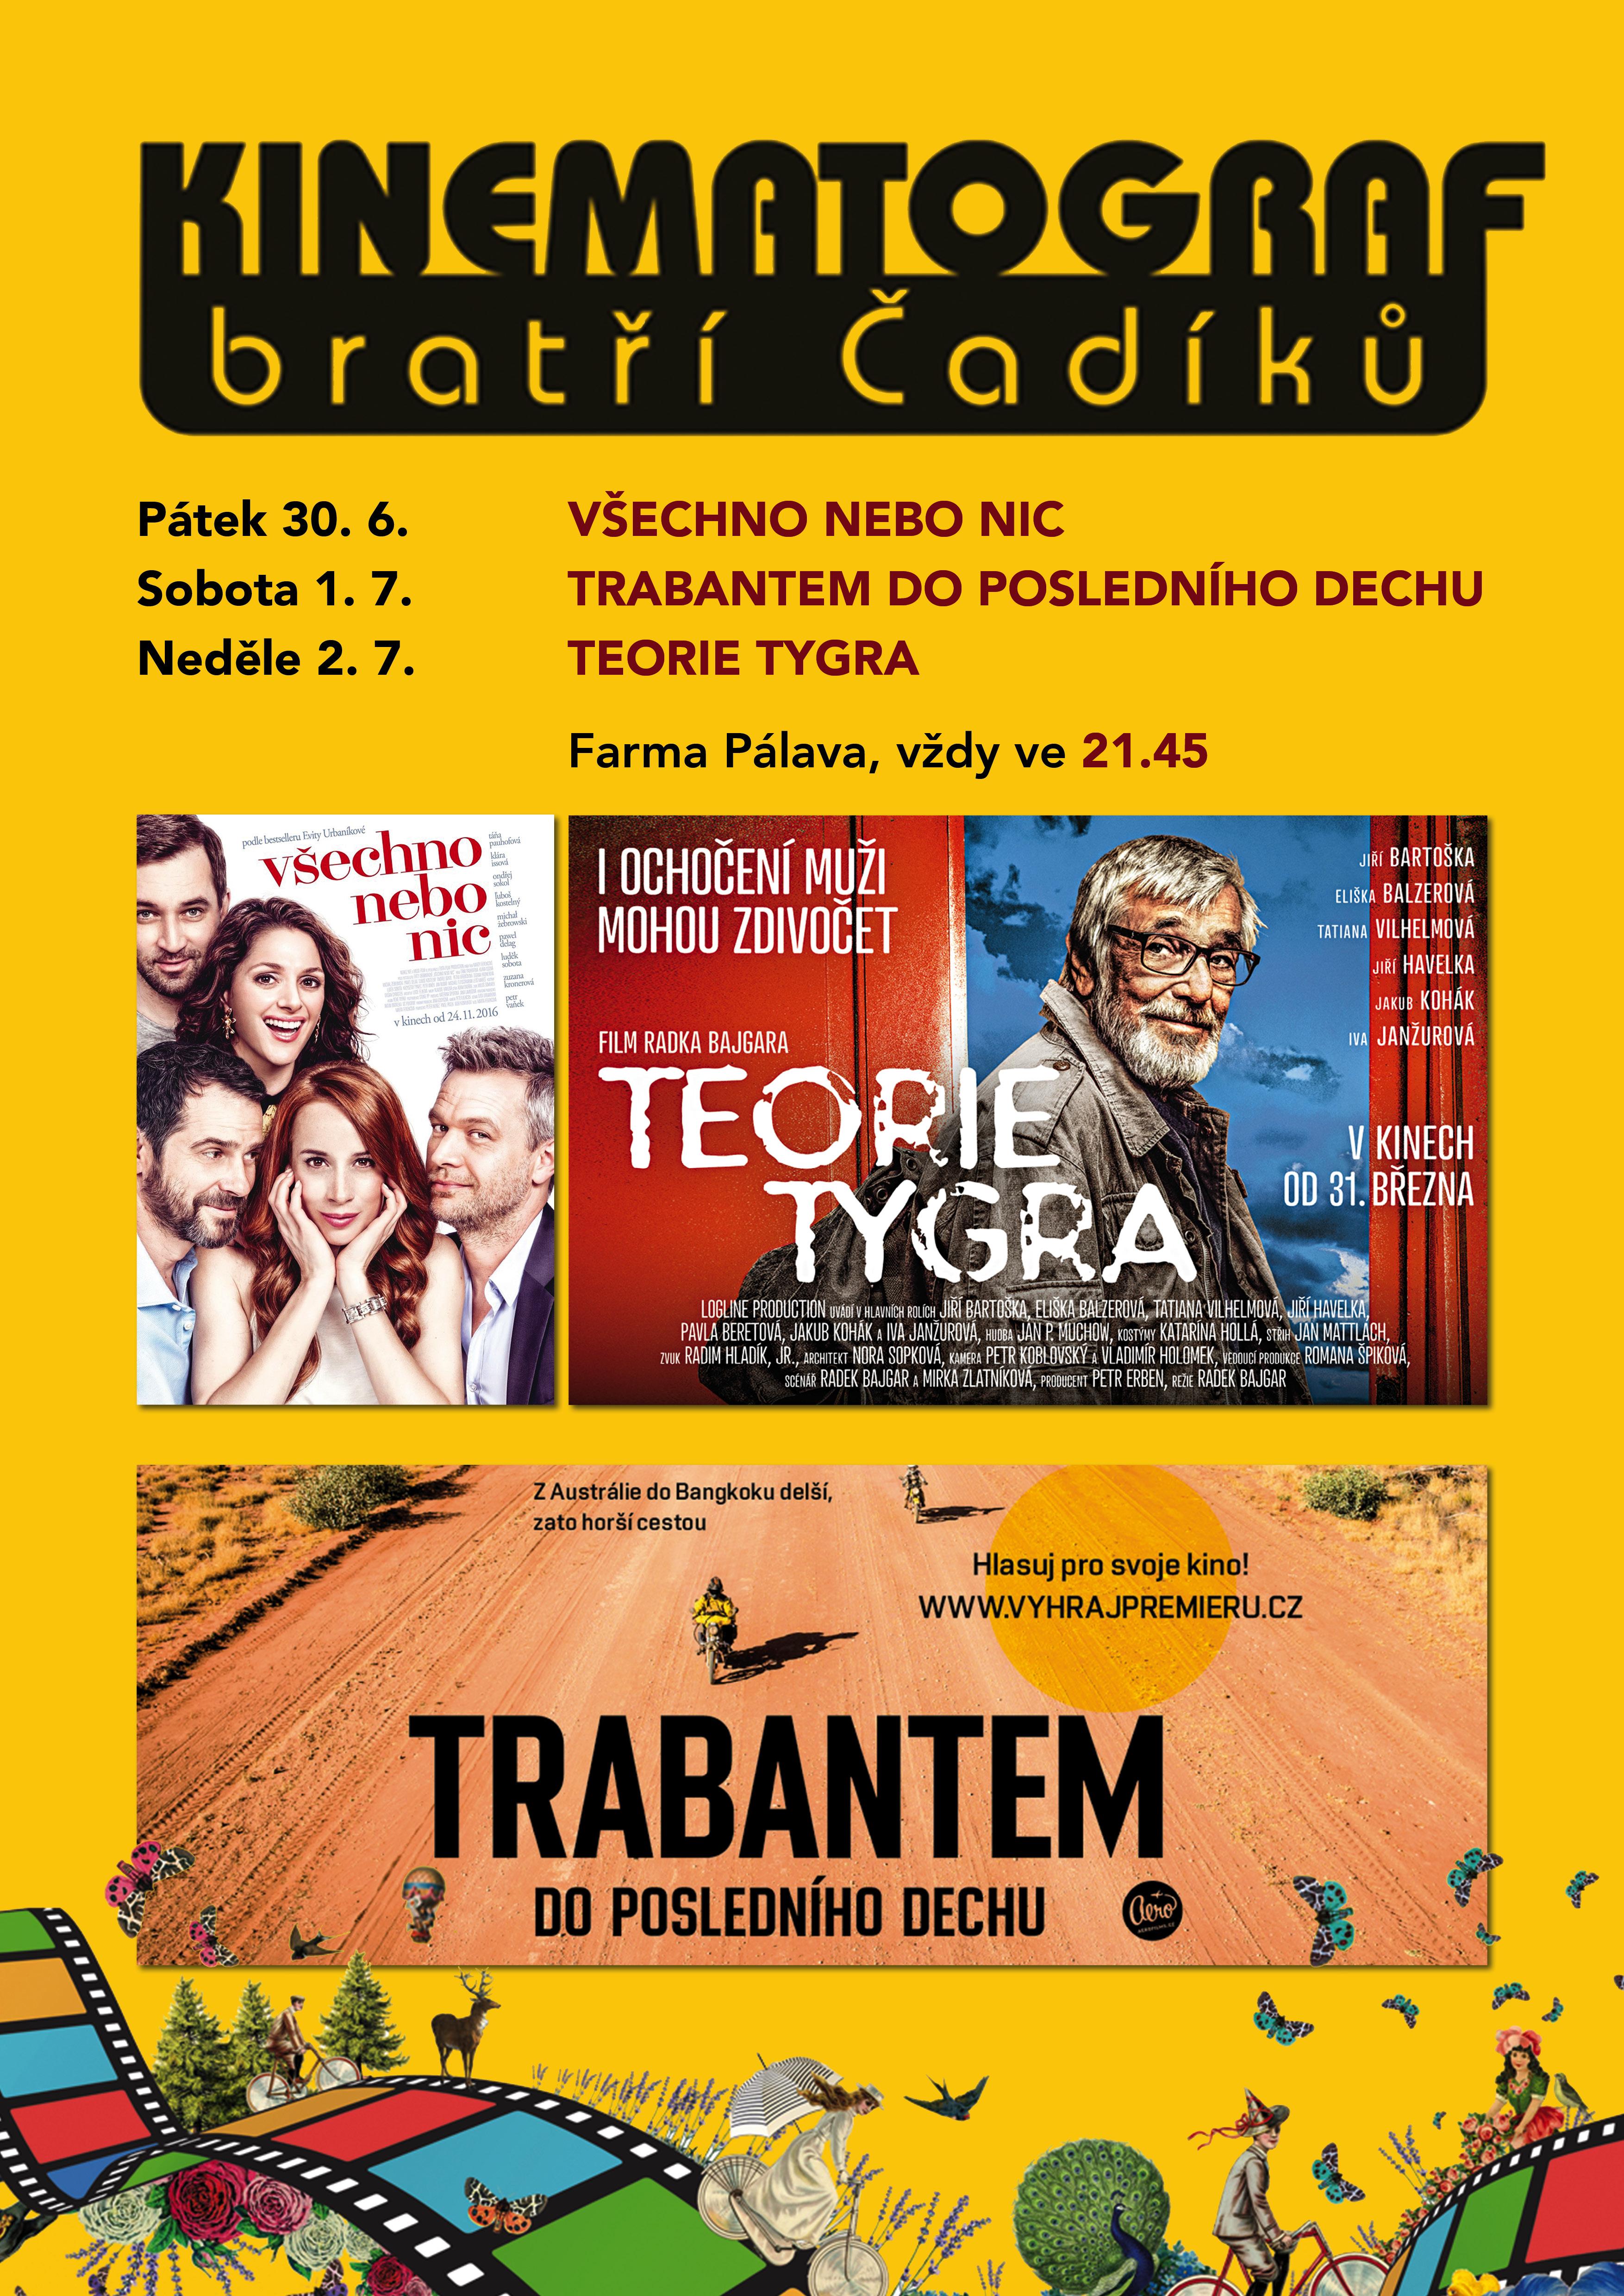 plakat_hura prazdniny_filmovy_NAHLED2